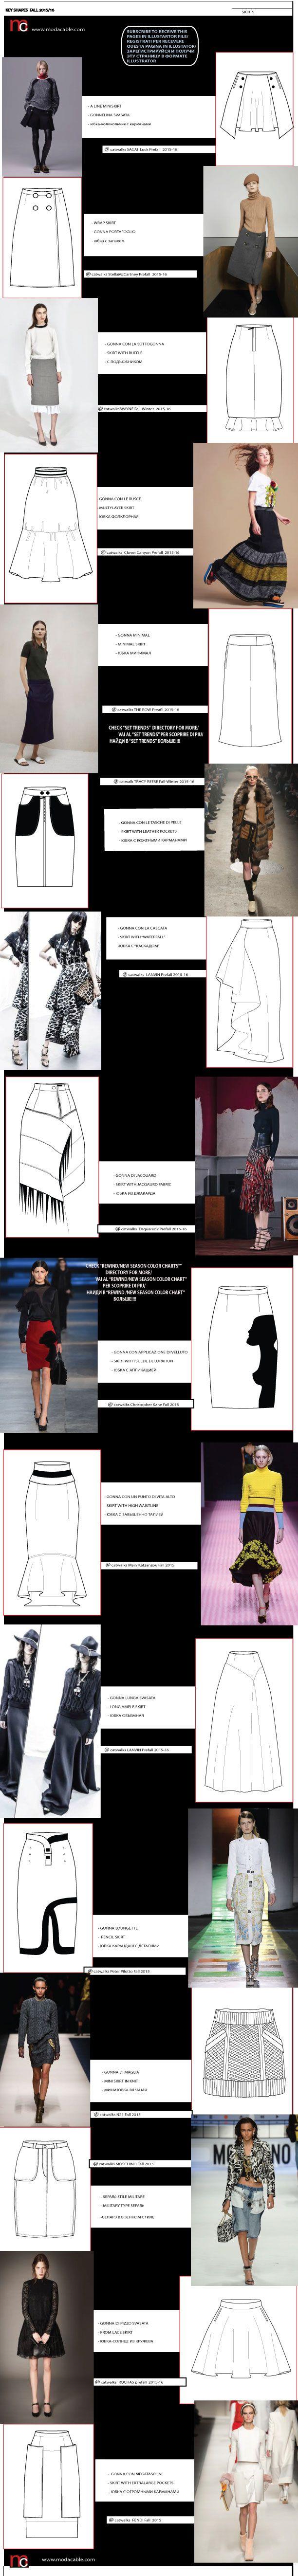 PopUp ModaCable.com  La première jupe est sympa